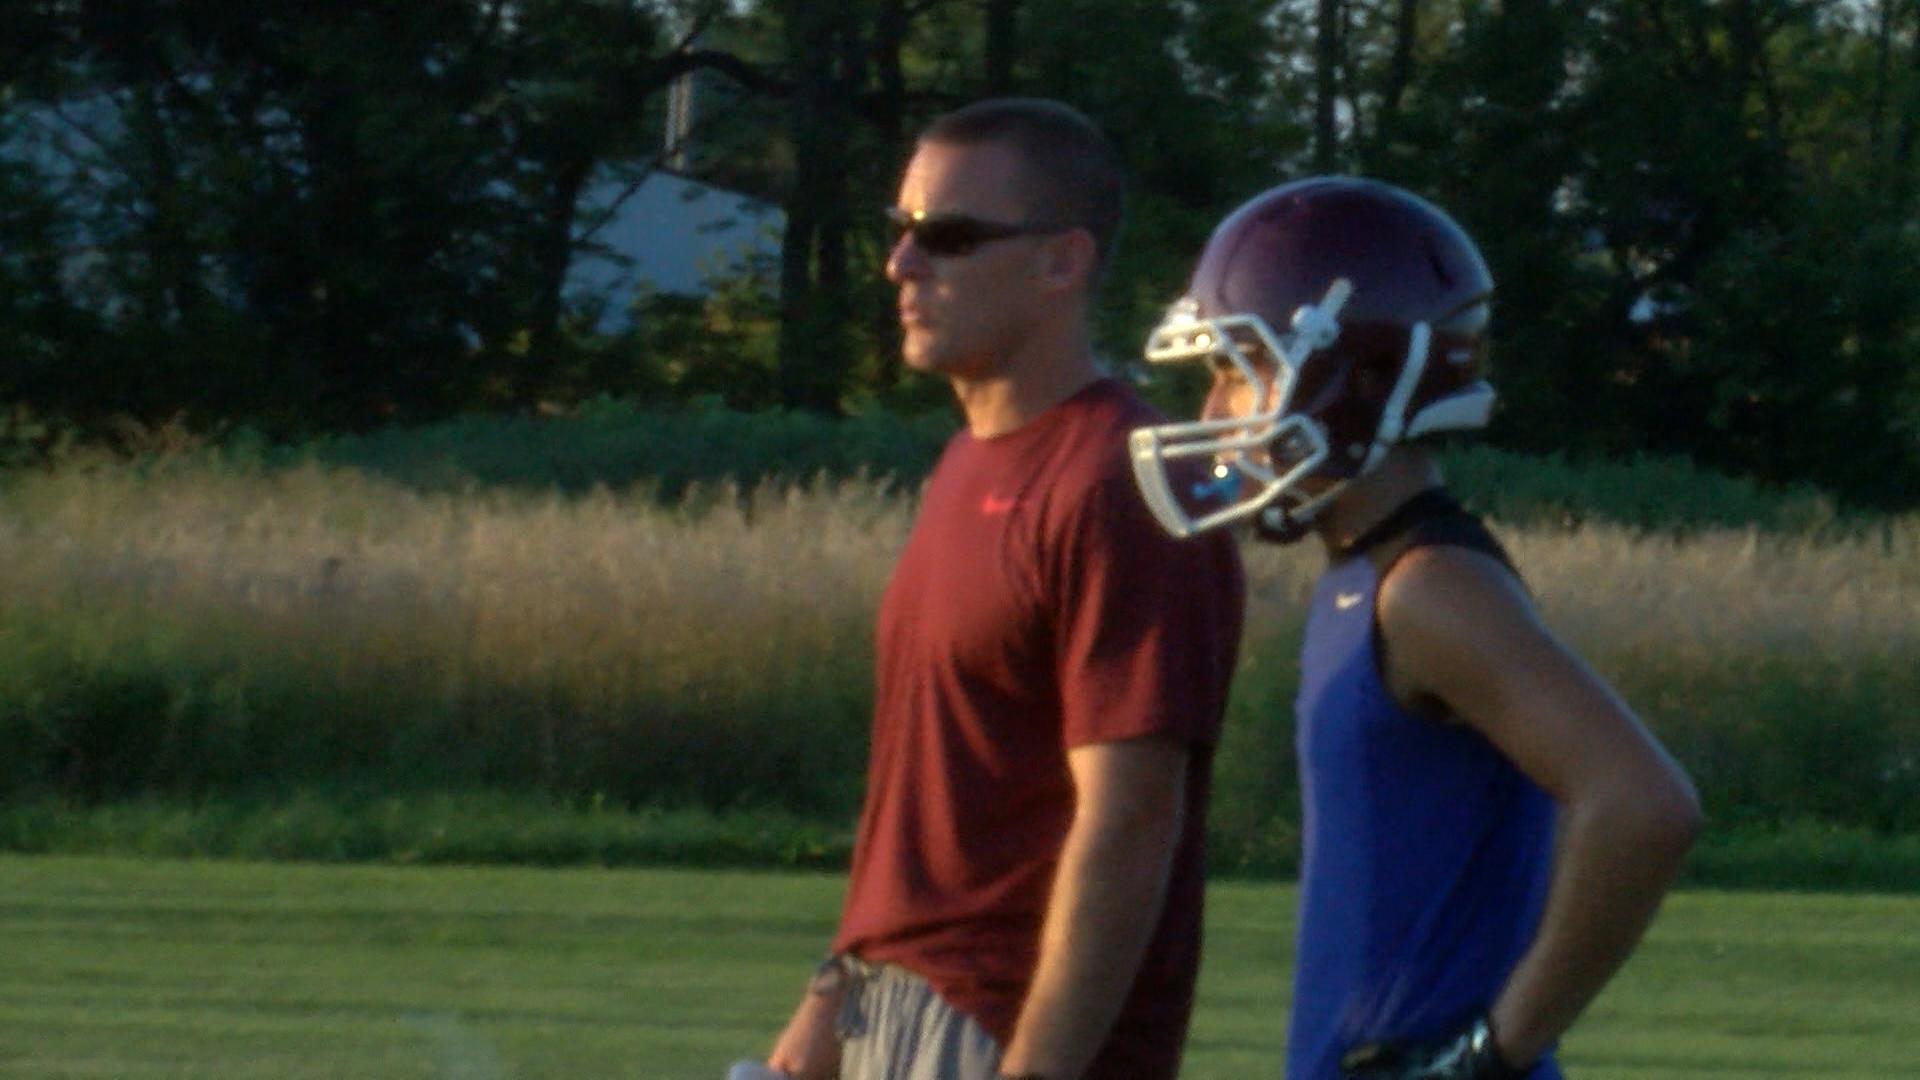 Zach Zehr (Tremont football coach)_1503359824328.jpg